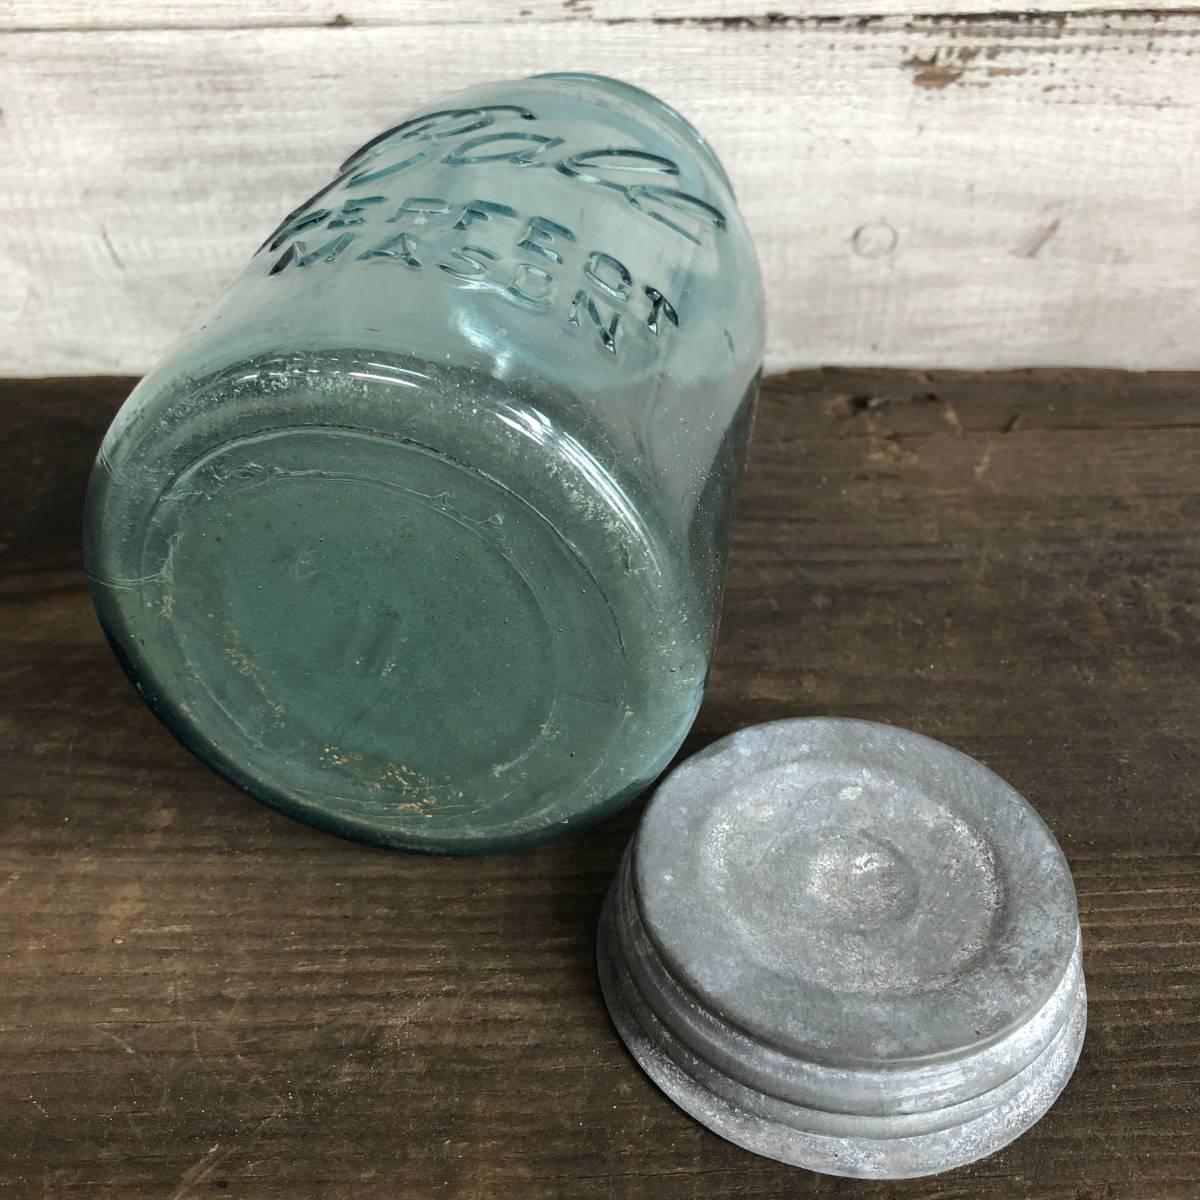 即決⑤ 1930's ball 17.5cm ヴィンテージ メイソンジャー ガラス瓶 キッチン カフェ ガーデニング ジャンク シャビー 雑貨 小物 収納_画像7